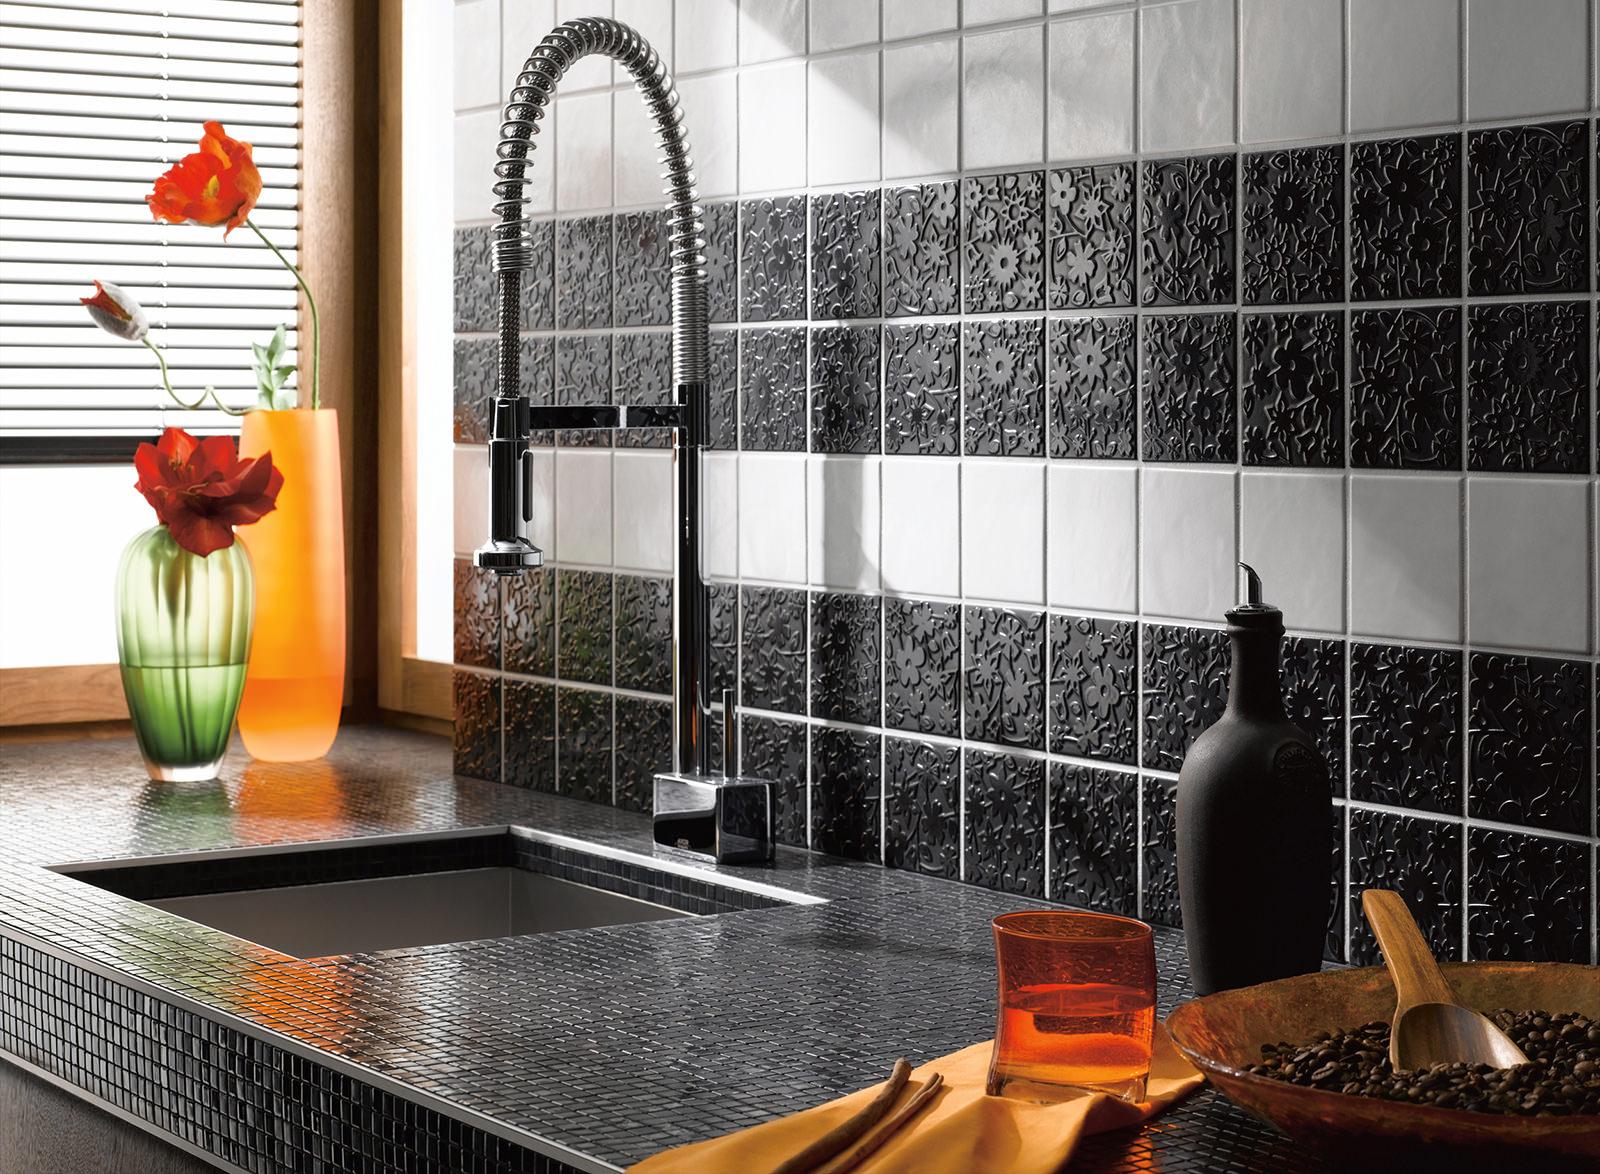 Кухонная столешница оформленная мозаикой